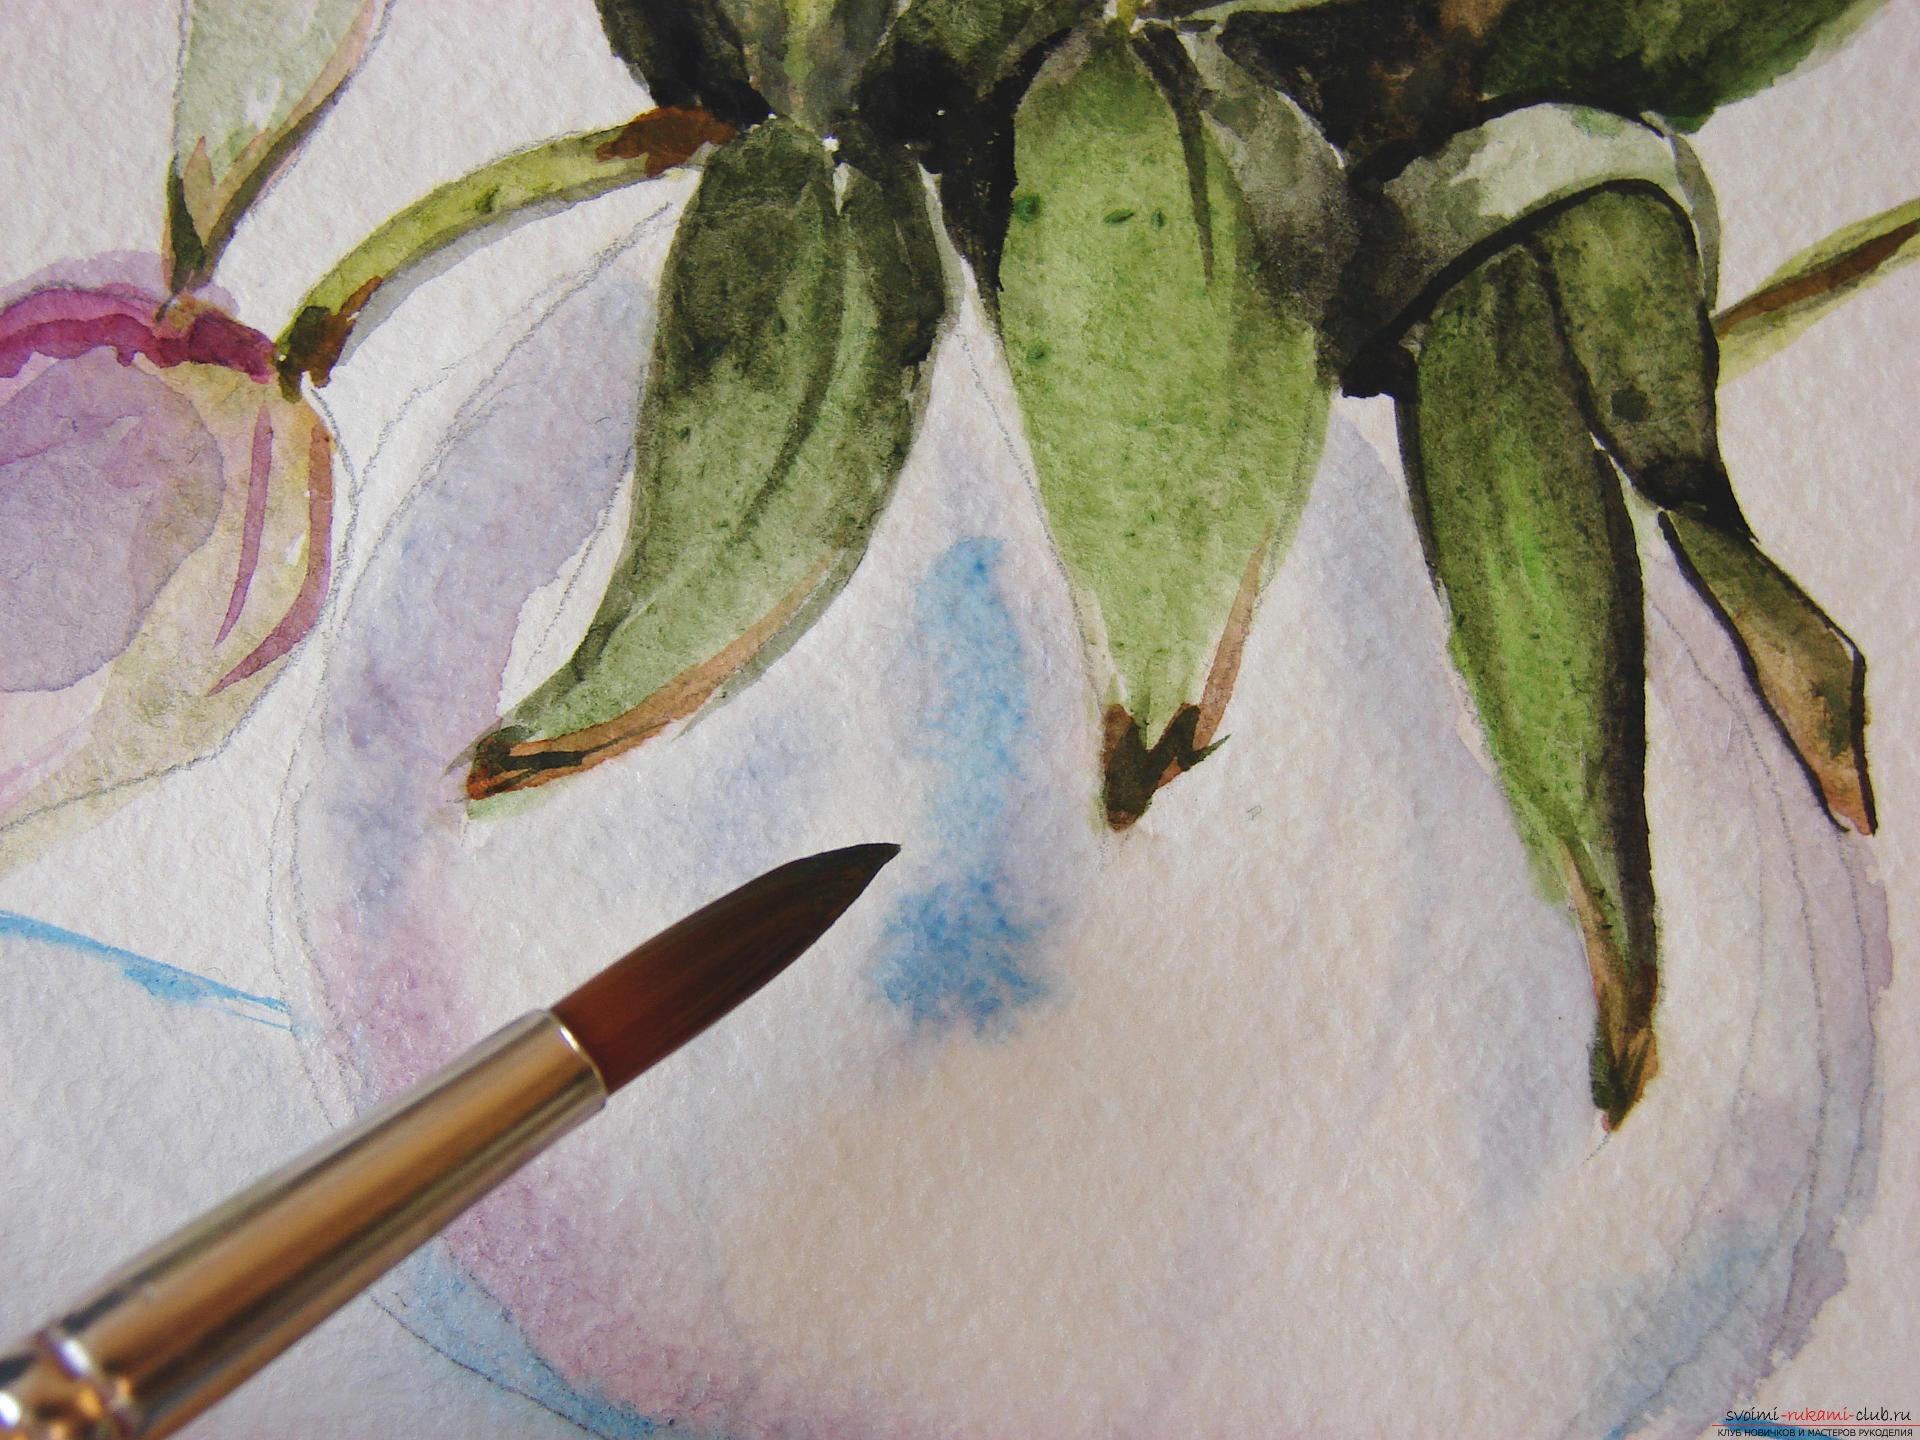 Мастер-класс по рисованию с фото научит как нарисовать цветы, подробно описав как рисуются тюльпаны поэтапно.. Фото №21